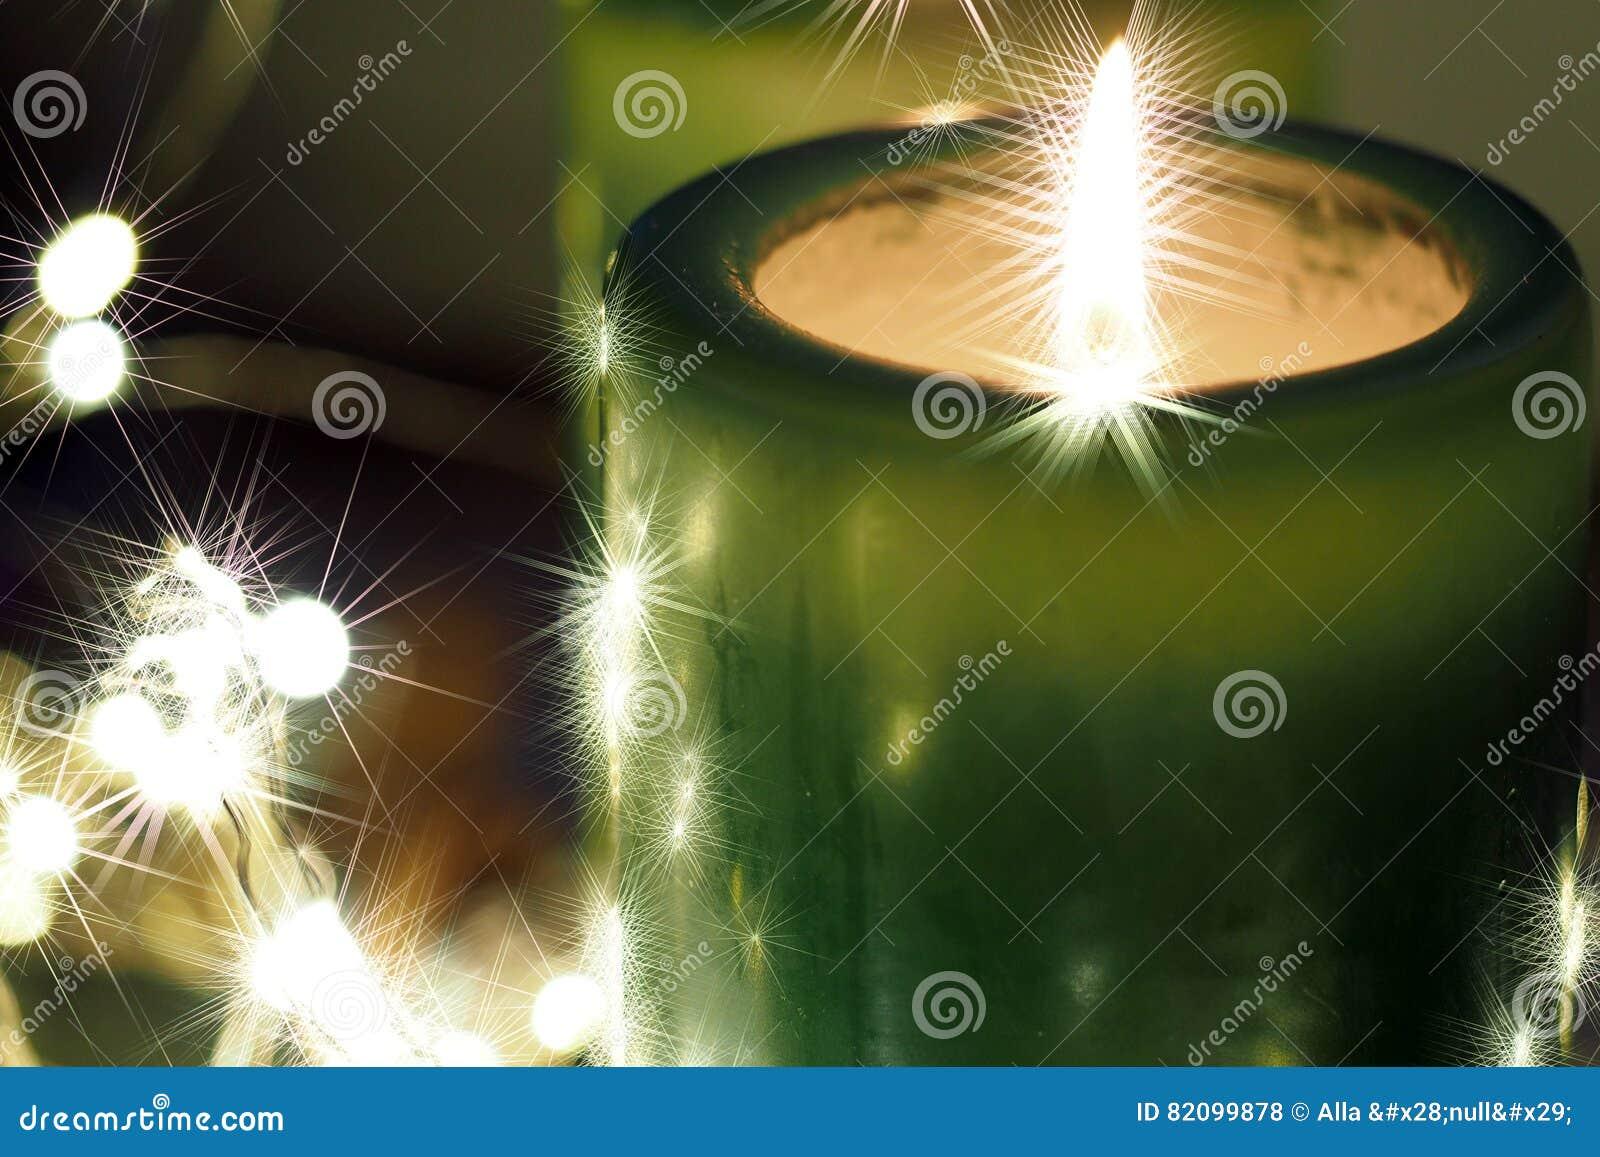 Weihnachtskerzen und -verzierungen über dunklem Hintergrund mit Lichtern